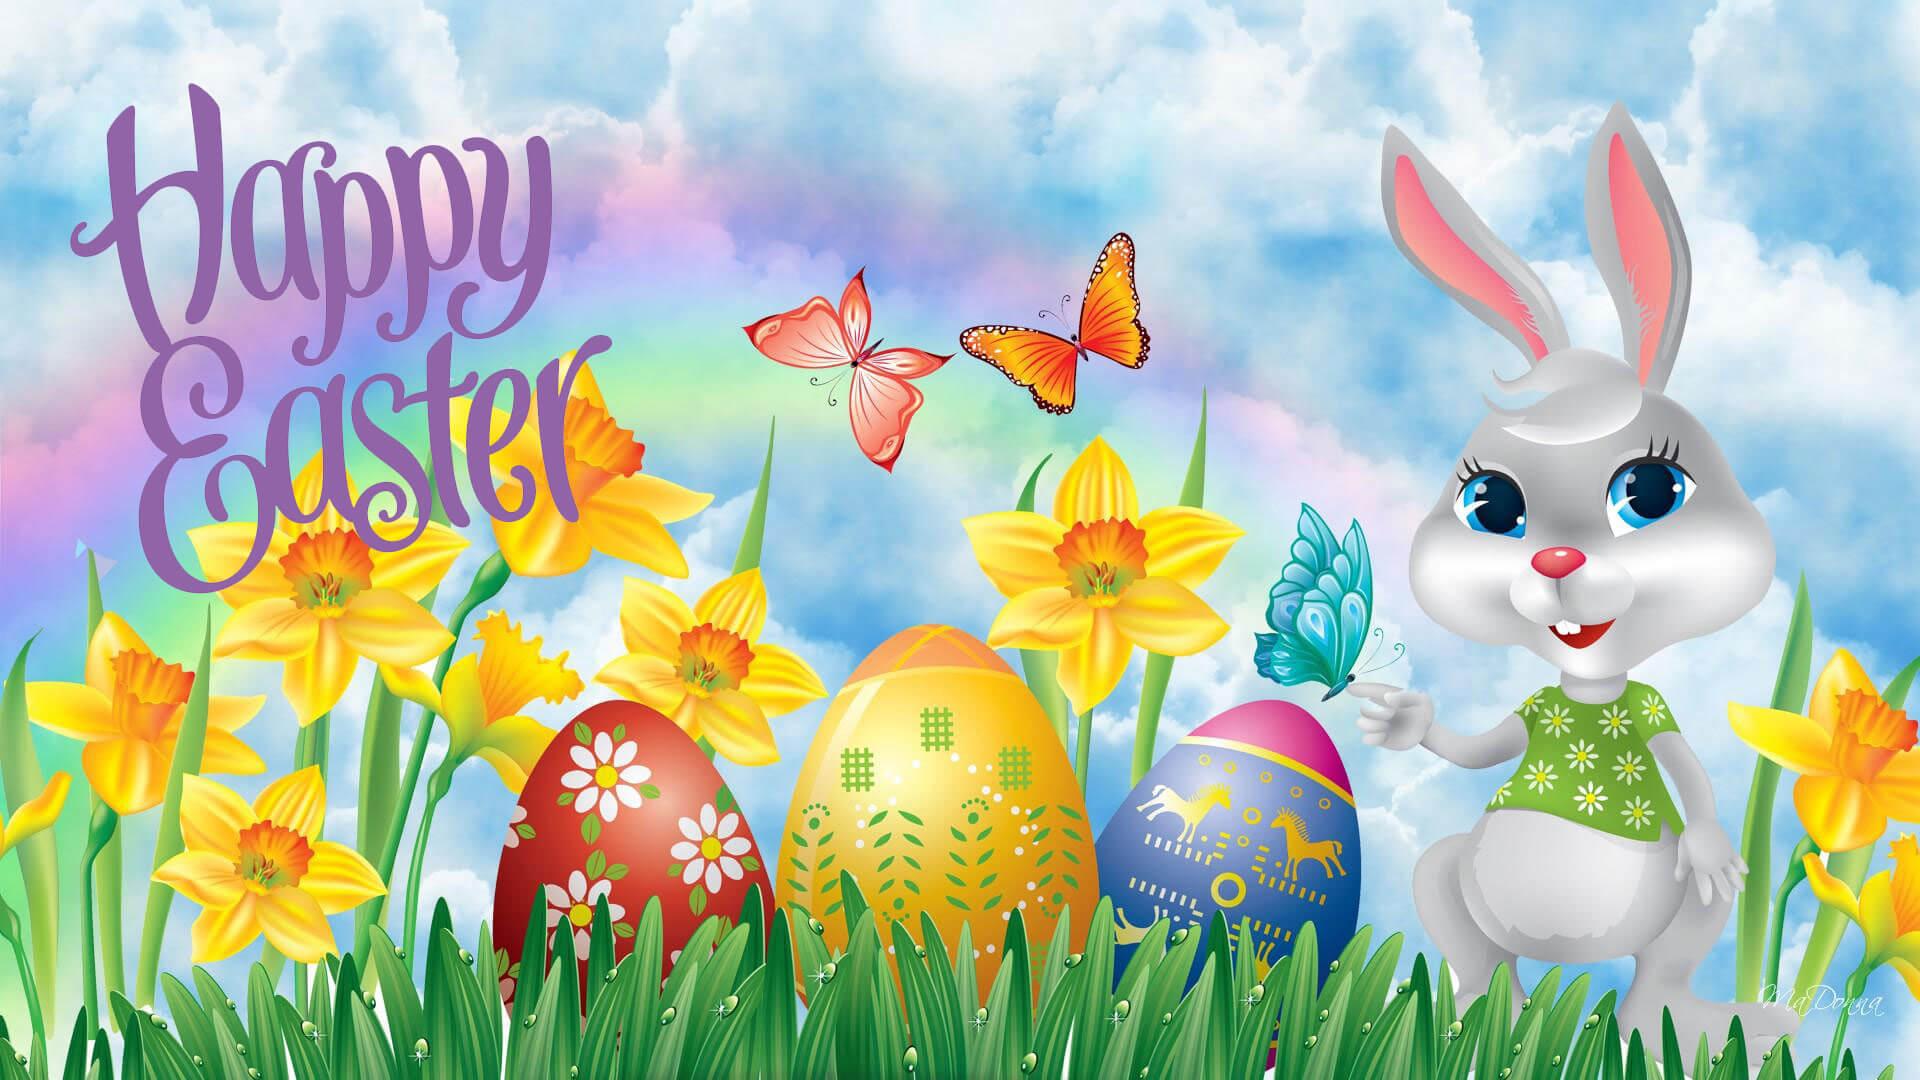 Happy Easter Eggs Butterflies Bunny Rabbit Cartoon Hd